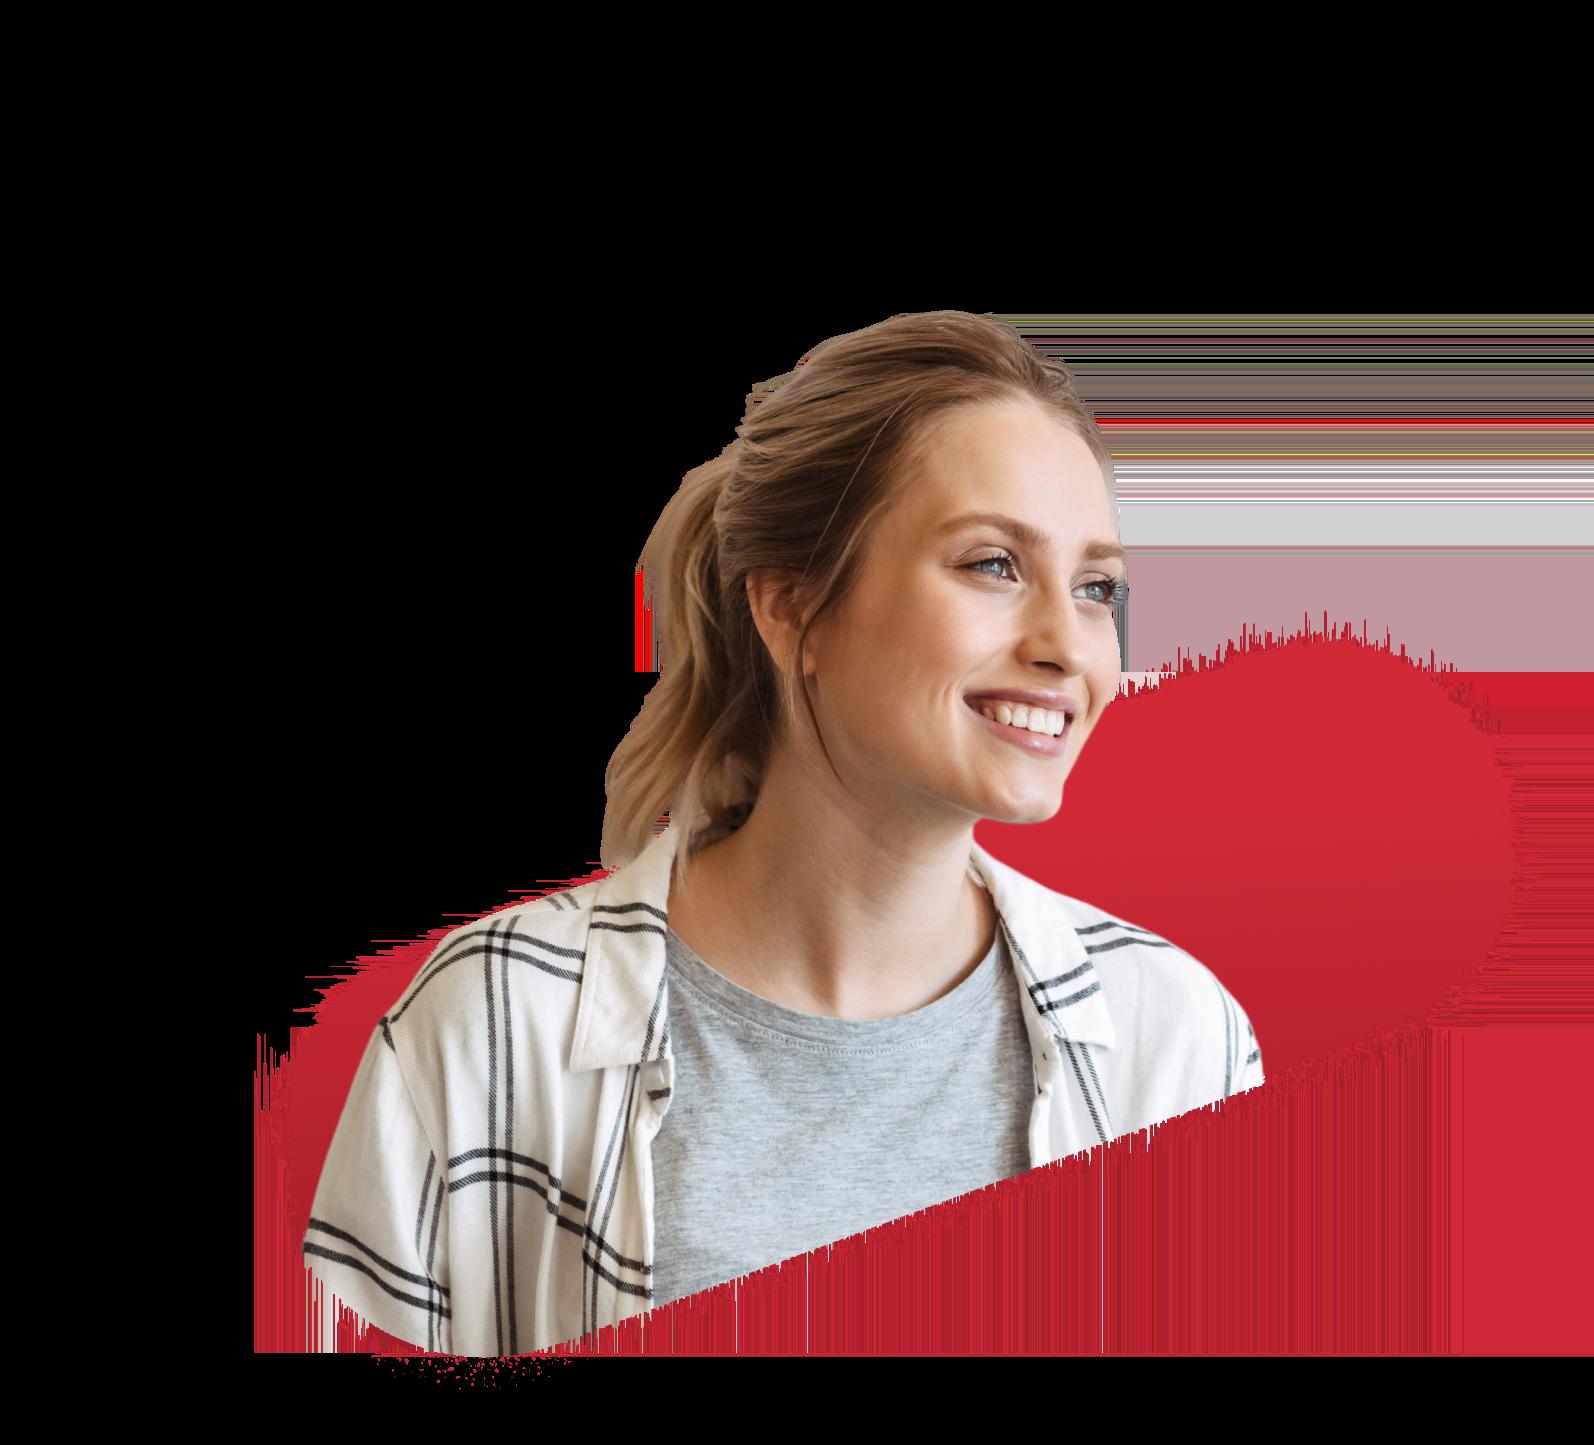 Pionner de la publicité digitale programmatique - Femme souriante